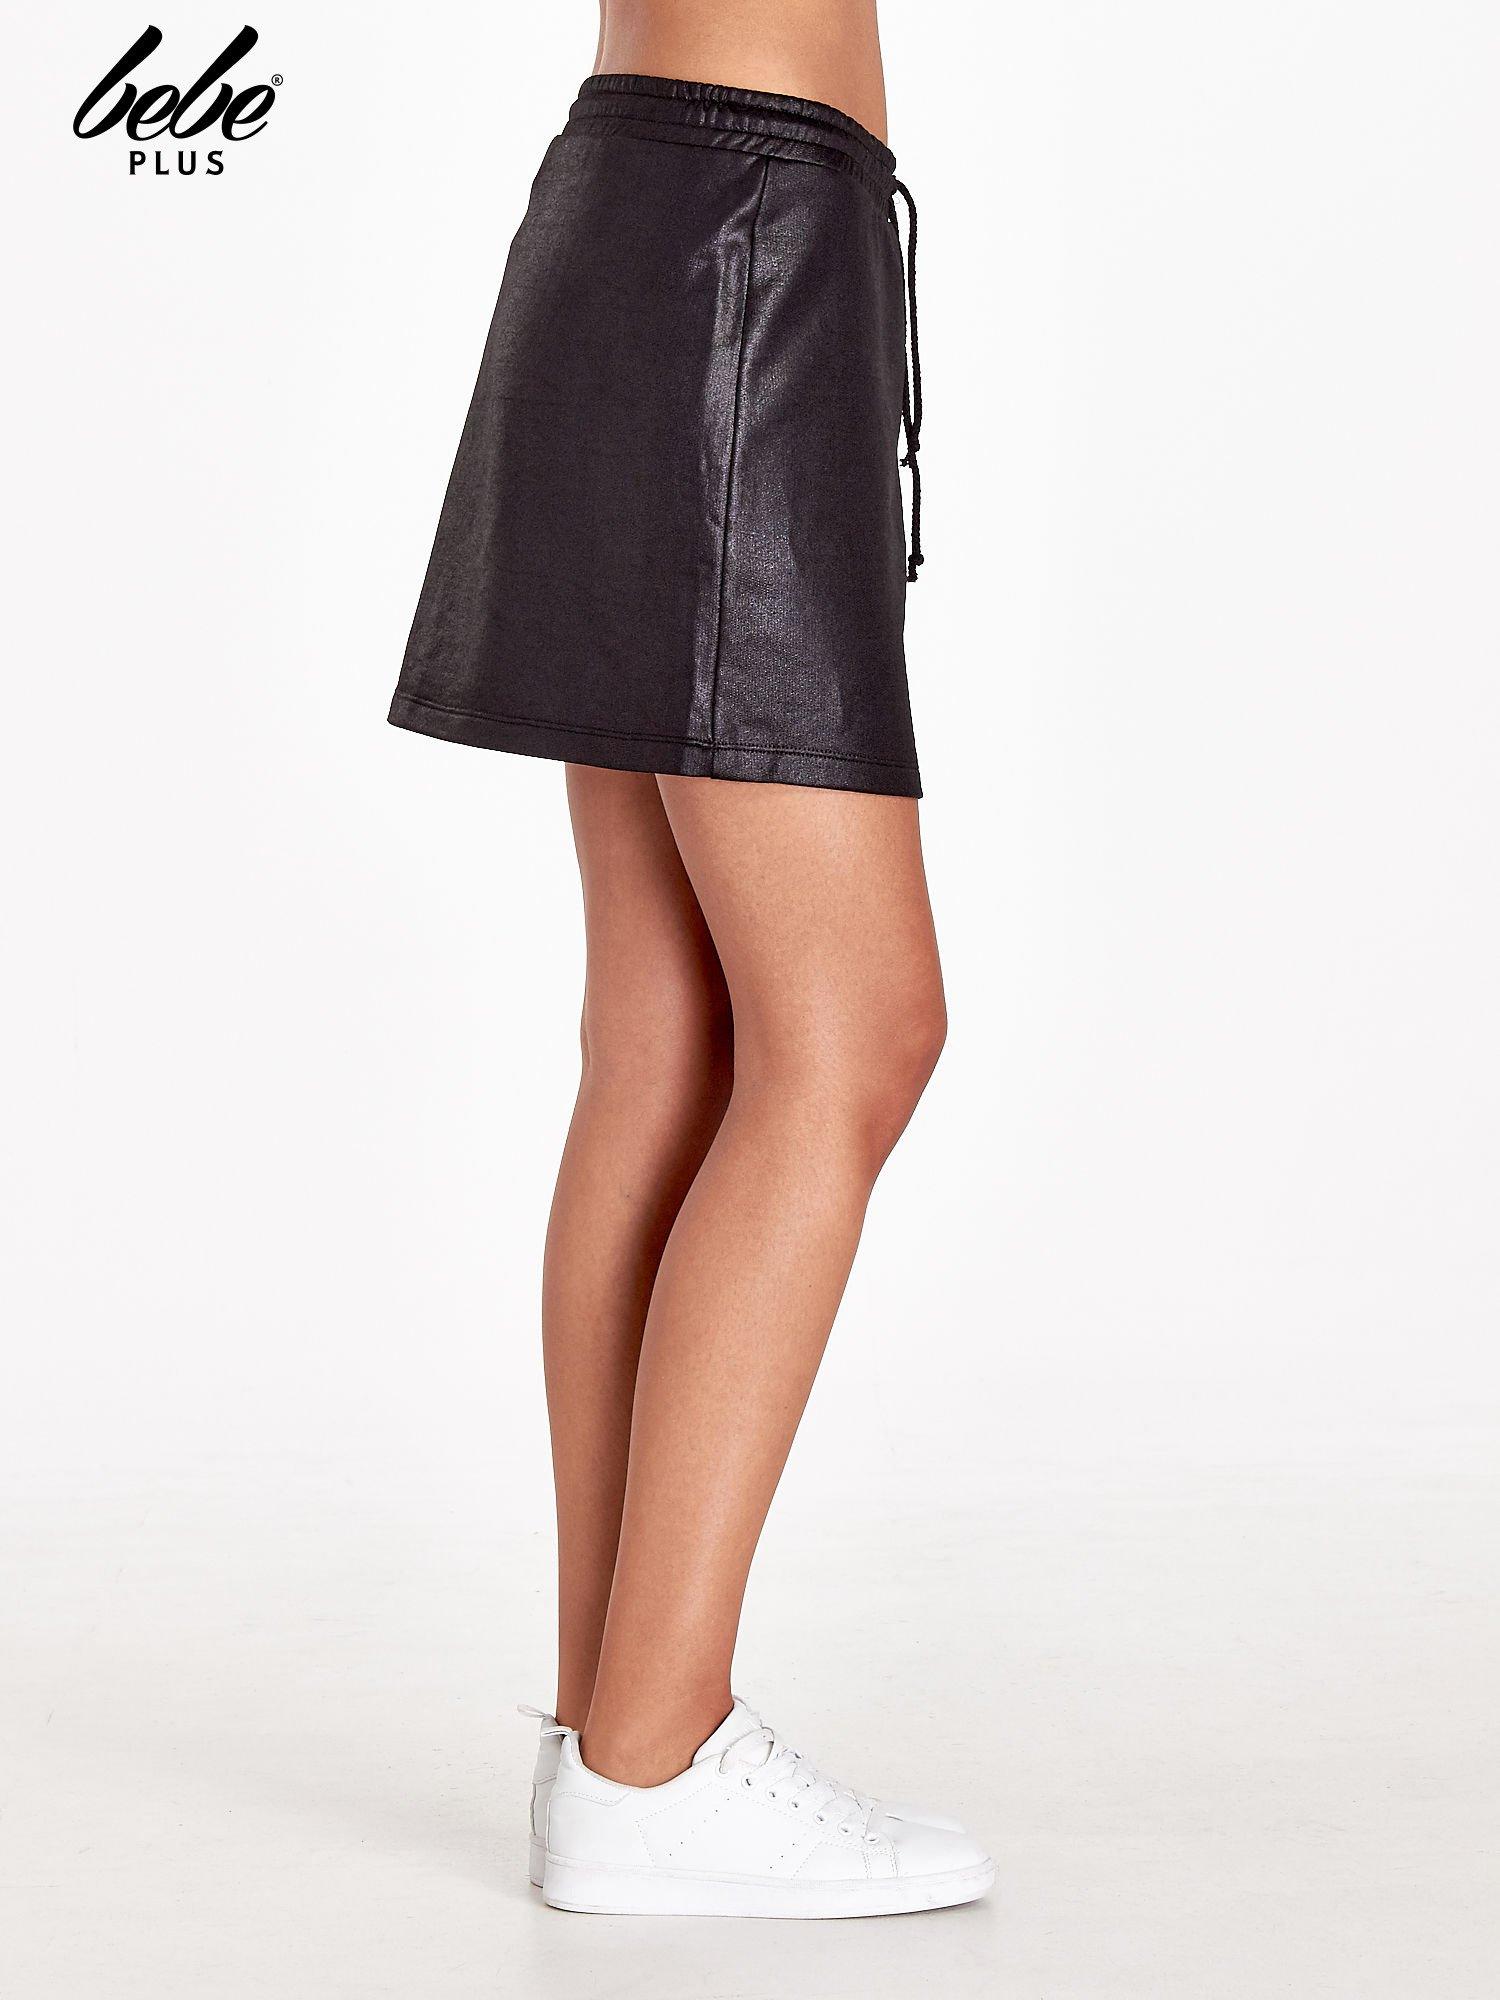 Czarna spódnica w stylu baseballowym                                  zdj.                                  3